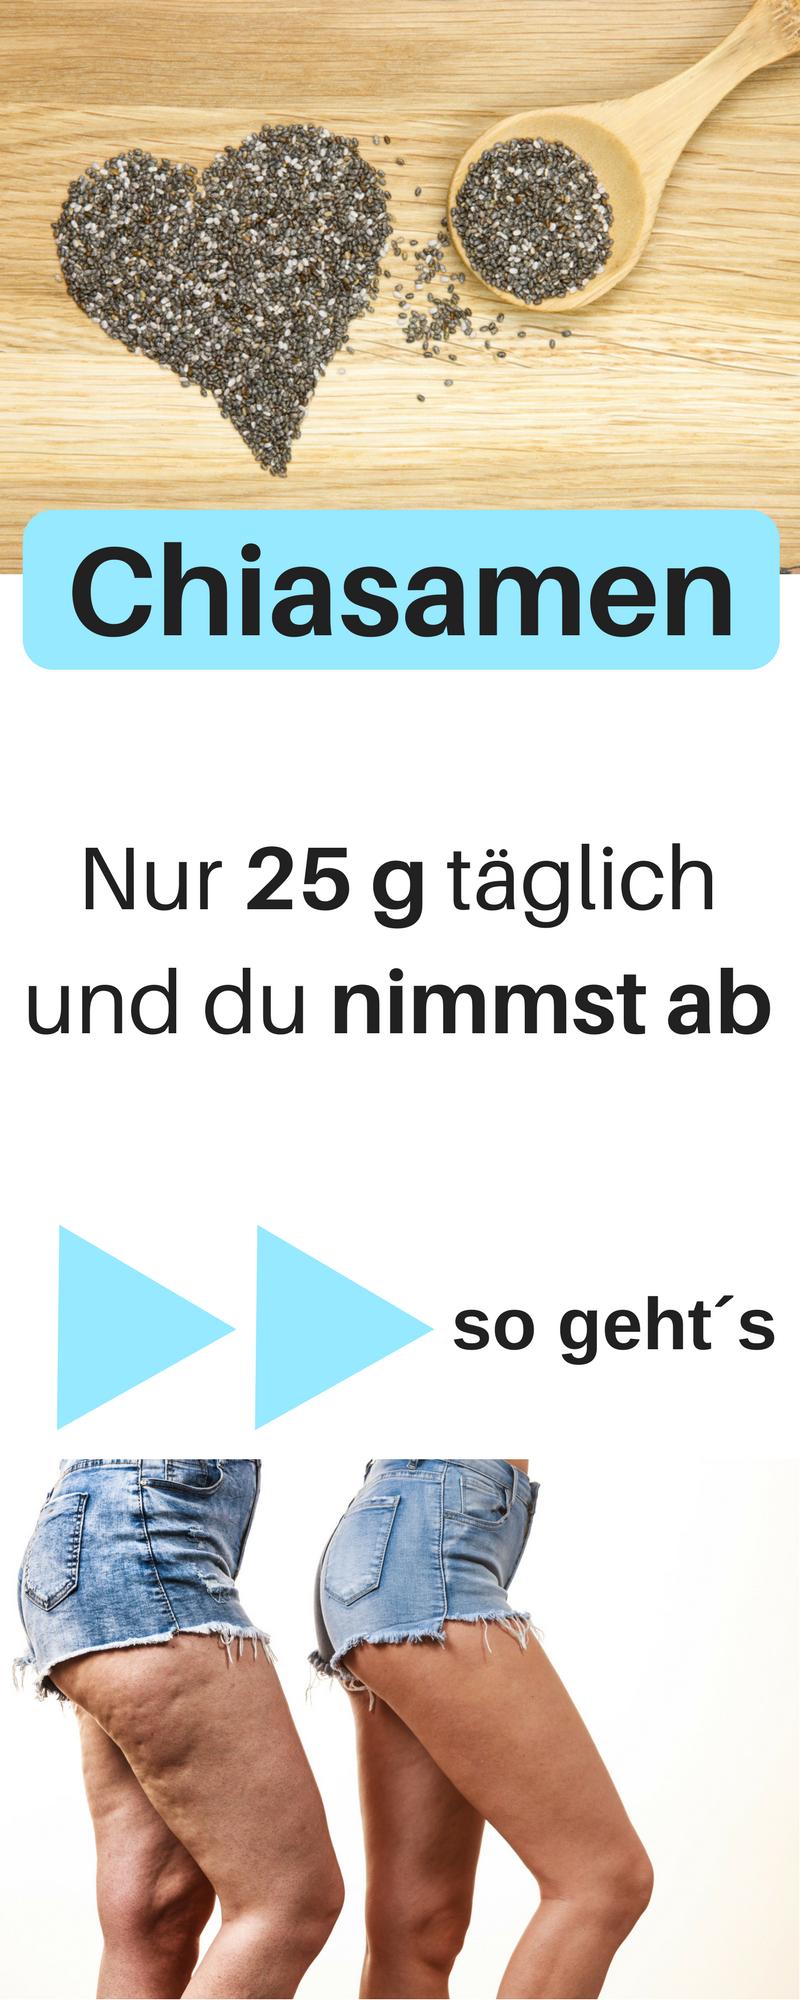 Chiasamen Haben Eine Erstaunliche Wirkung Man Kann Mit Chiasamen